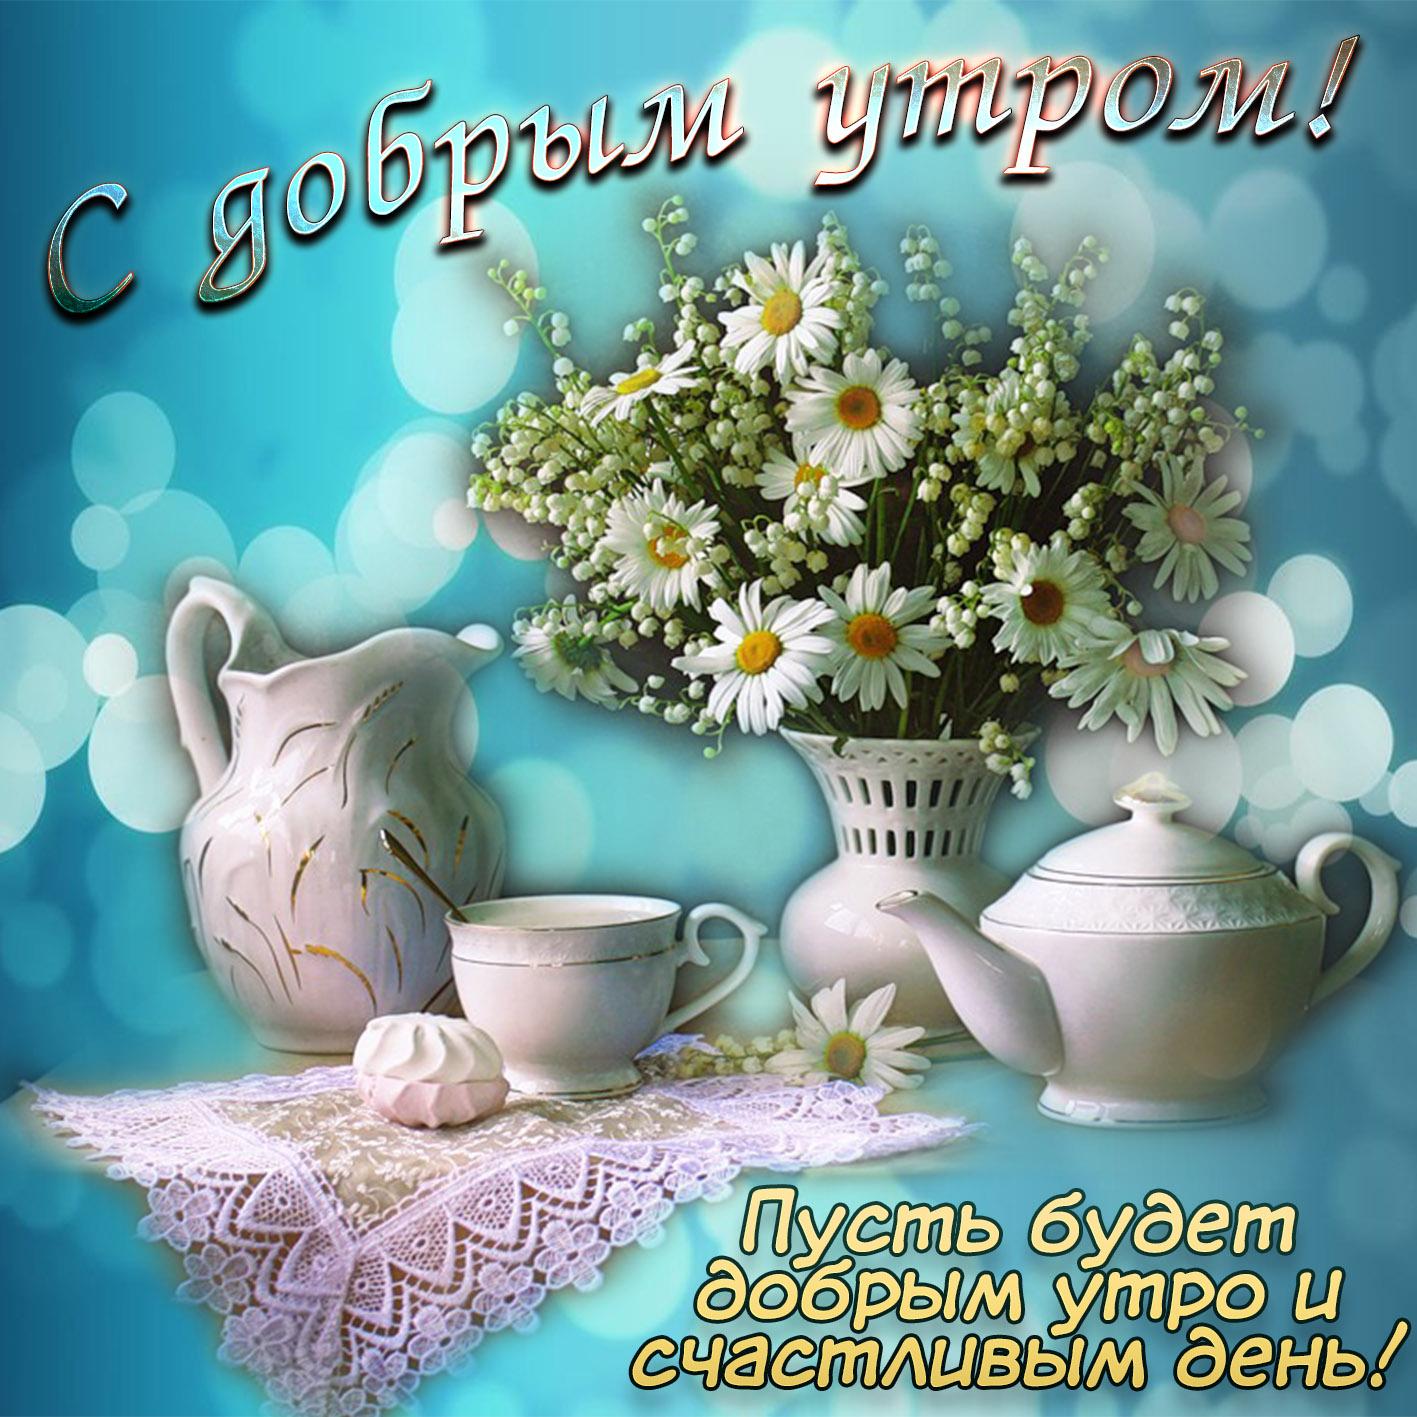 Пасхальную, открытки и пожелания с добрым утром